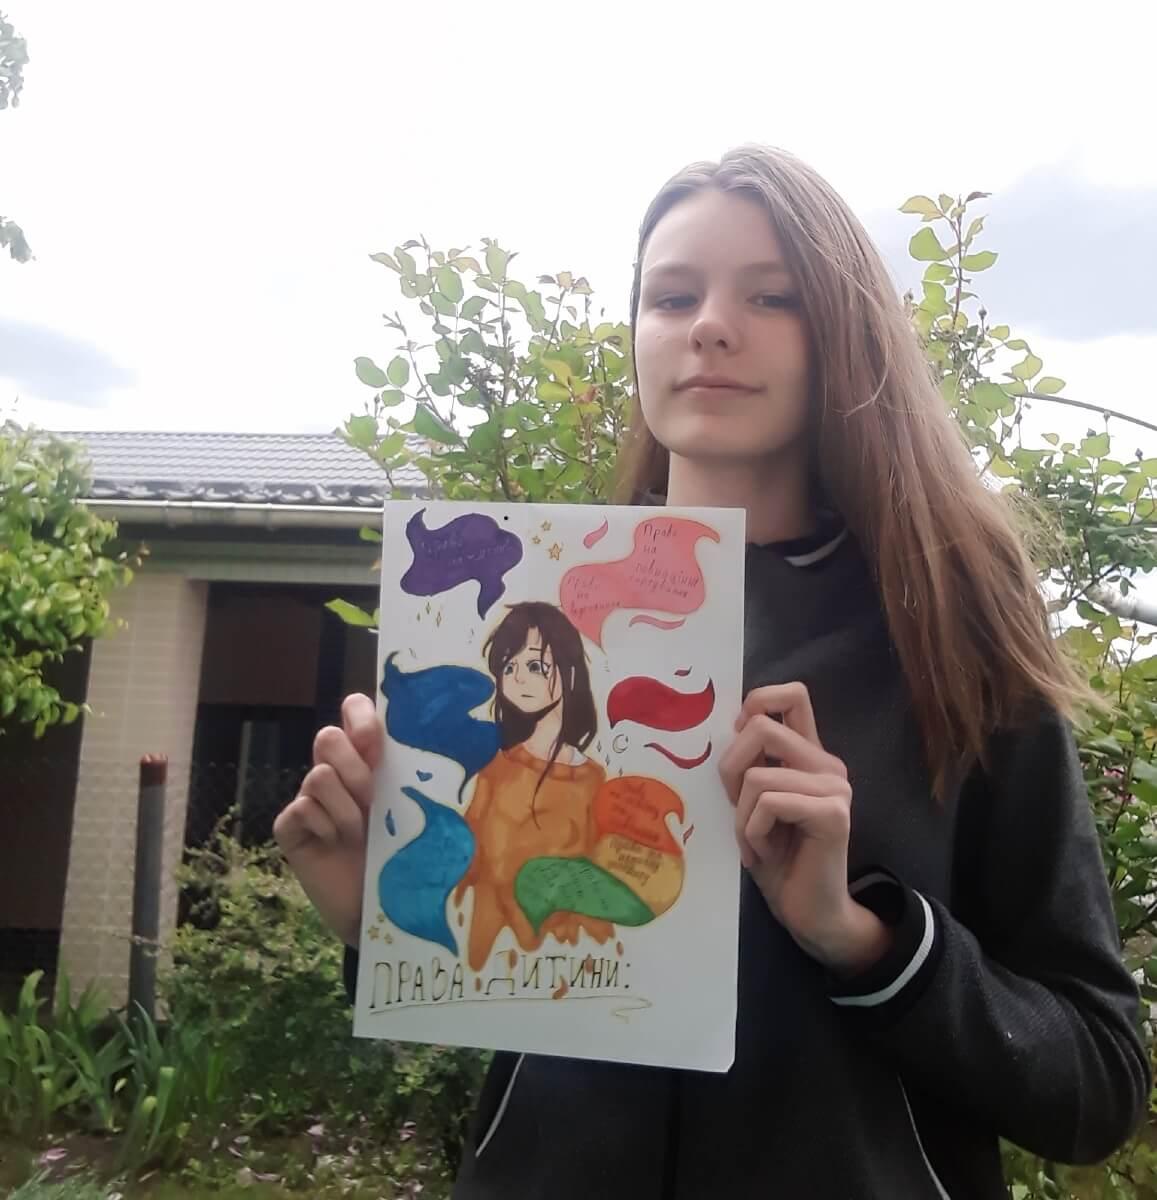 yzobrazhenye viber 2020 05 21 13 36 12 - Всеукраїнський конкурс шкільних малюнків «Мої права»